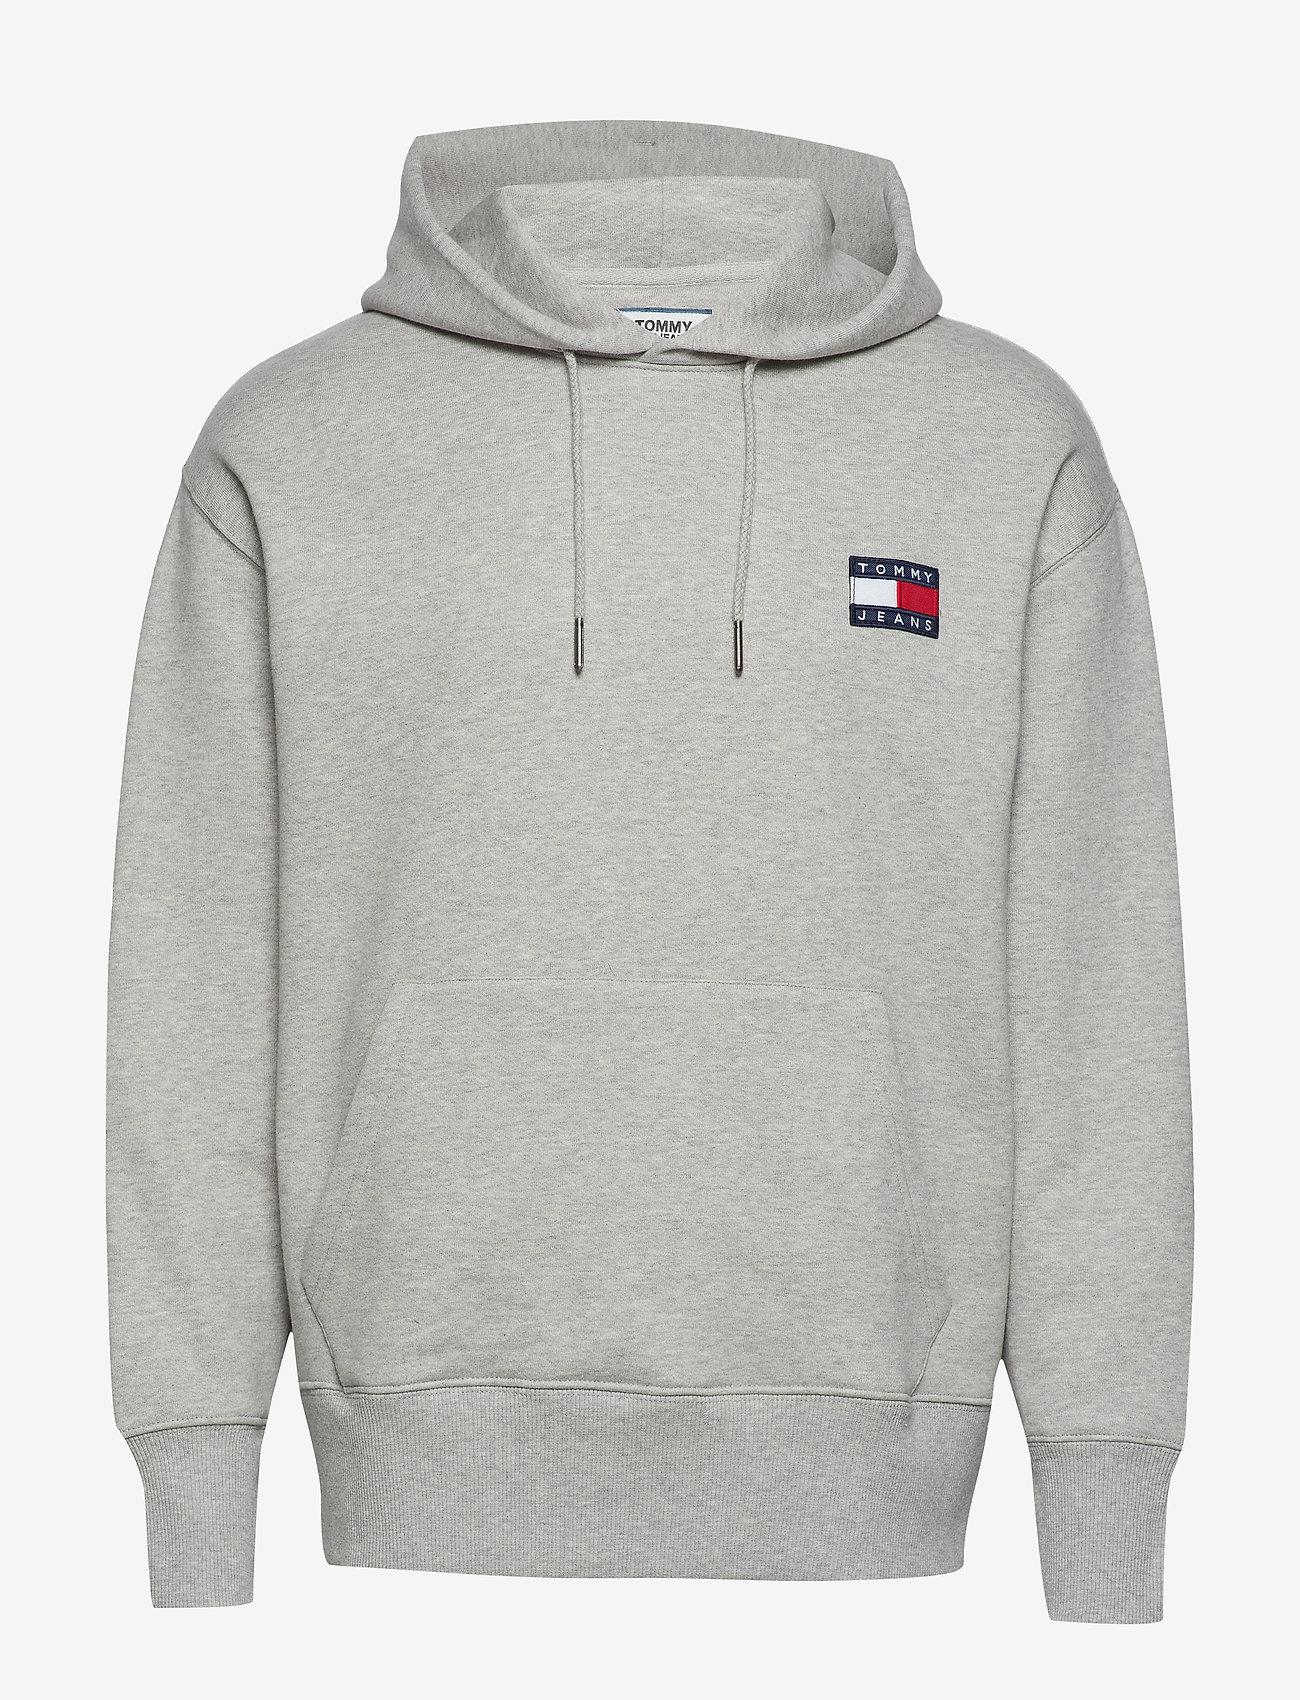 Tommy Jeans - TJM TOMMY BADGE HOODIE - hoodies - light grey htr - 0